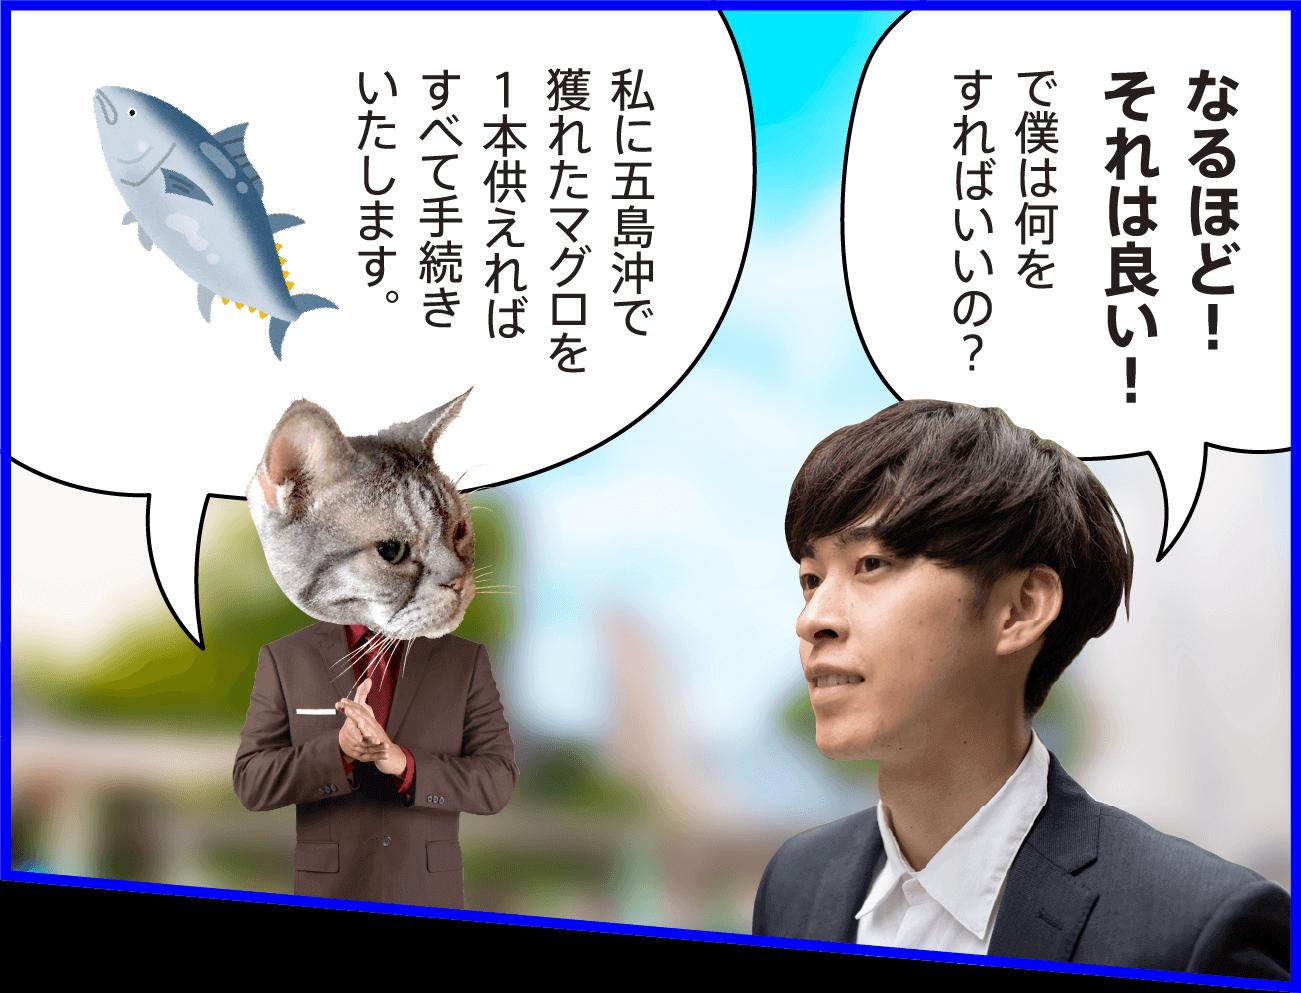 男性:なるほど!それは良い!で僕は何をすればいいの? 猫:私に五島沖で獲れたマグロを1本供えればすべて手続きいたします。